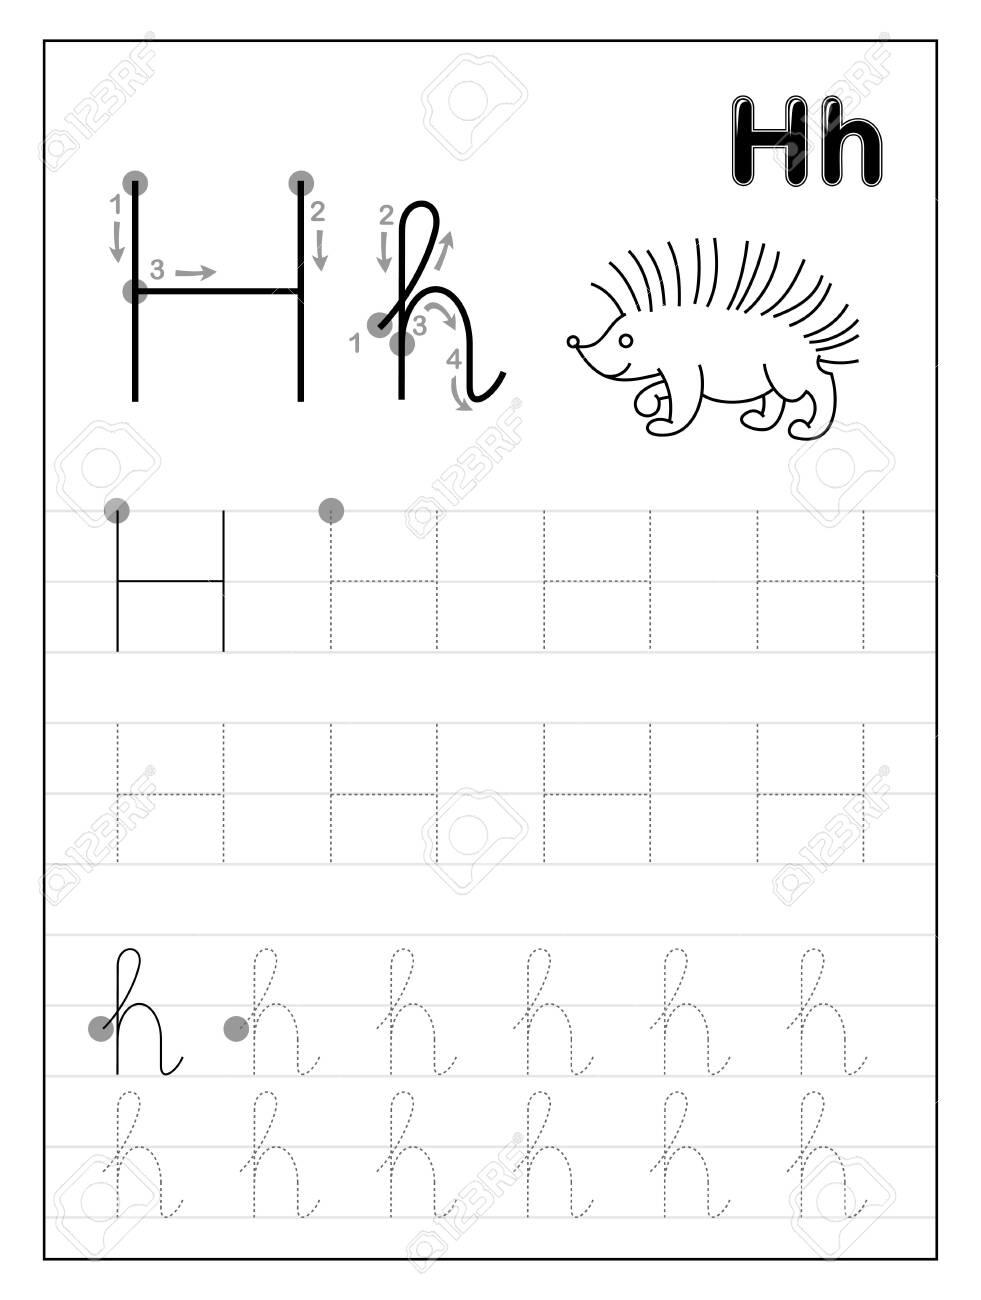 Worksheet ~ Alphabet Writerksheet Tracing Letter H Black And for Alphabet Tracing Letter H